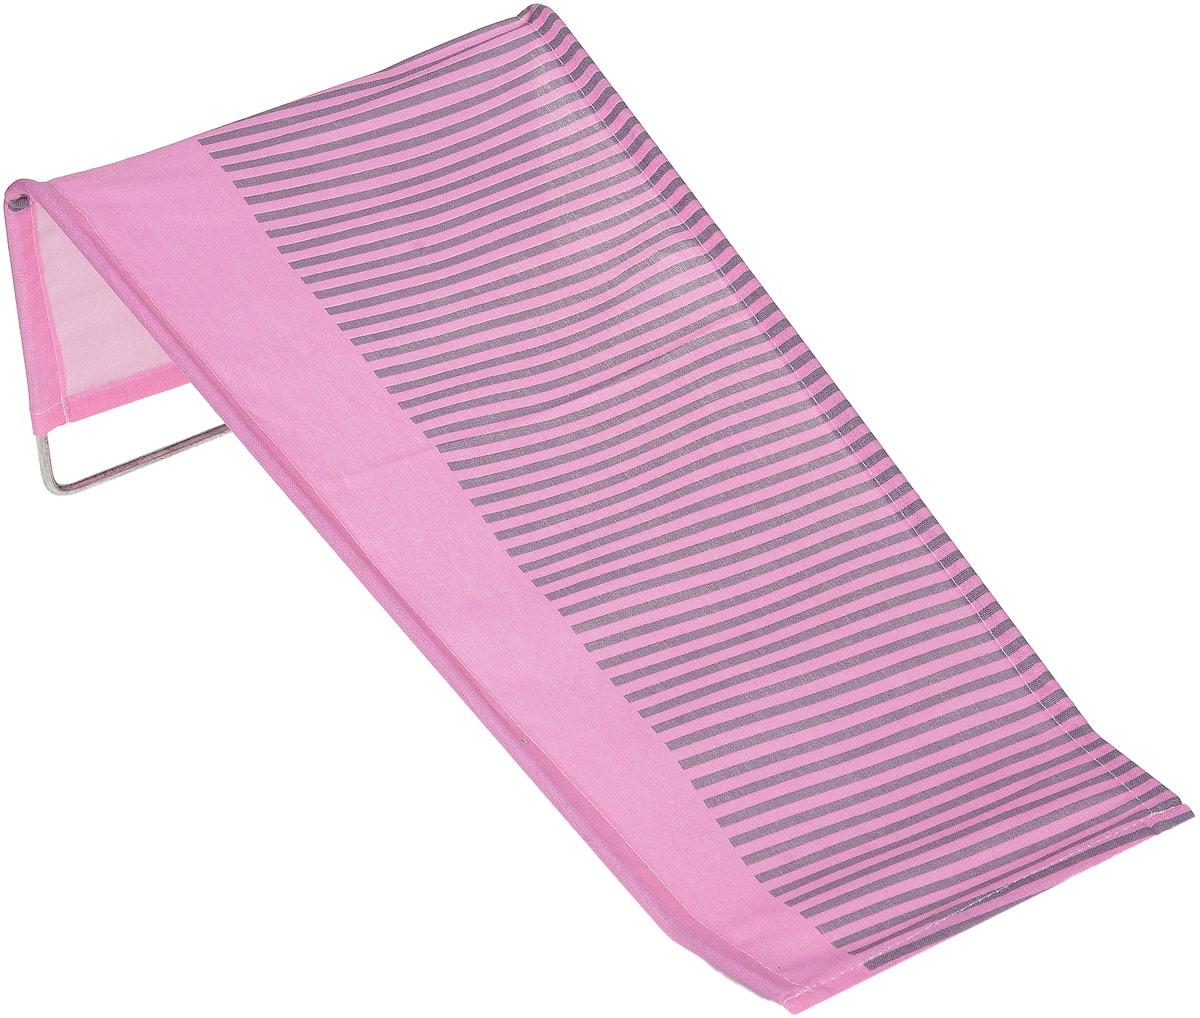 Фея Подставка для купания Бязь цвет розовый серый0001332-01_полоска, розовый, серыйПодставка для купания Фея - это удобный способ мытья и прекрасная возможность побаловать вашего малыша. Эргономичный дизайн подставки разработан специально для комфорта и безопасности вашего ребенка. Основу подставки составляет металлический каркас, обтянутый тканью. Подарите своему малышу радость и комфорт во время купания! Подставка предназначена для купания детей в возрасте до 1 года. Фея - это качественные и надежные товары для малышей, которые может позволить себе каждая семья! Правила ухода за чехлом: после использования хорошо просушить. Запрещается использование моющих средств, содержащих щелочь.